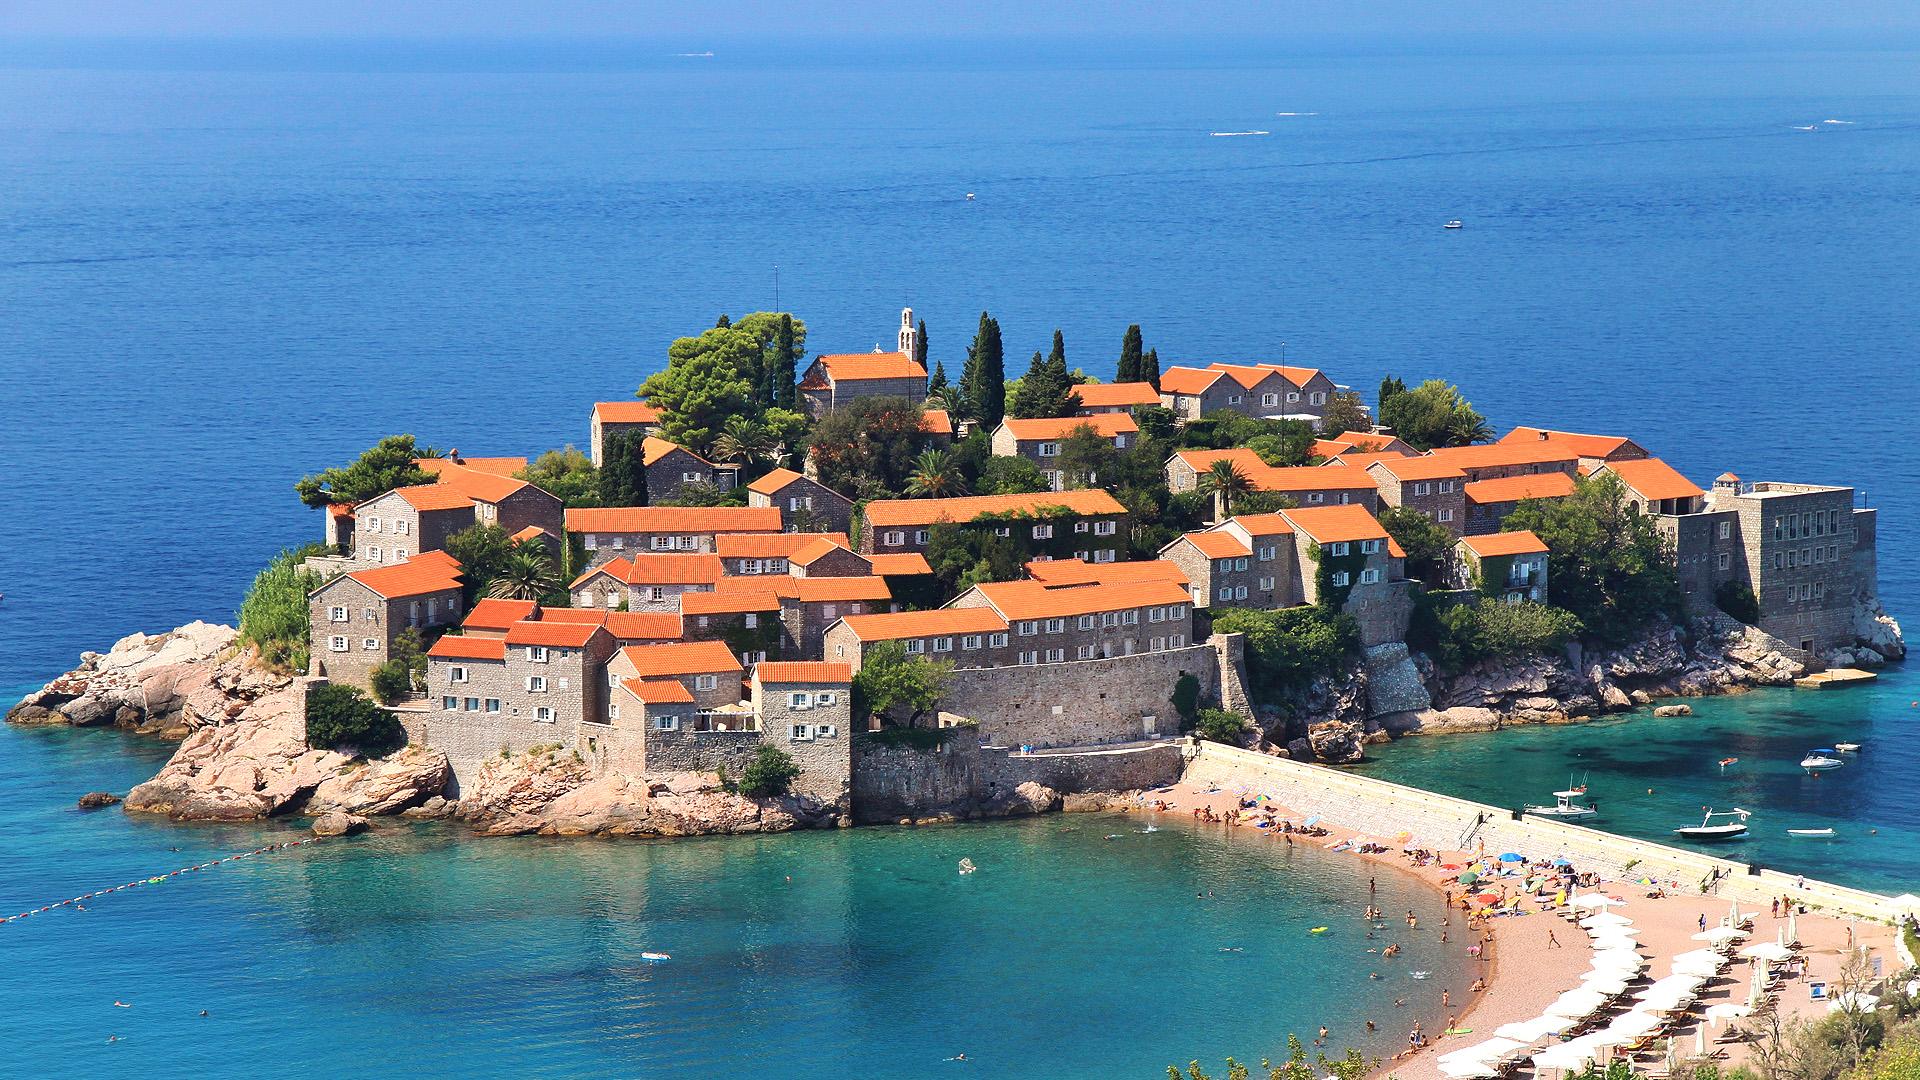 Niezwykla-Czarnogora